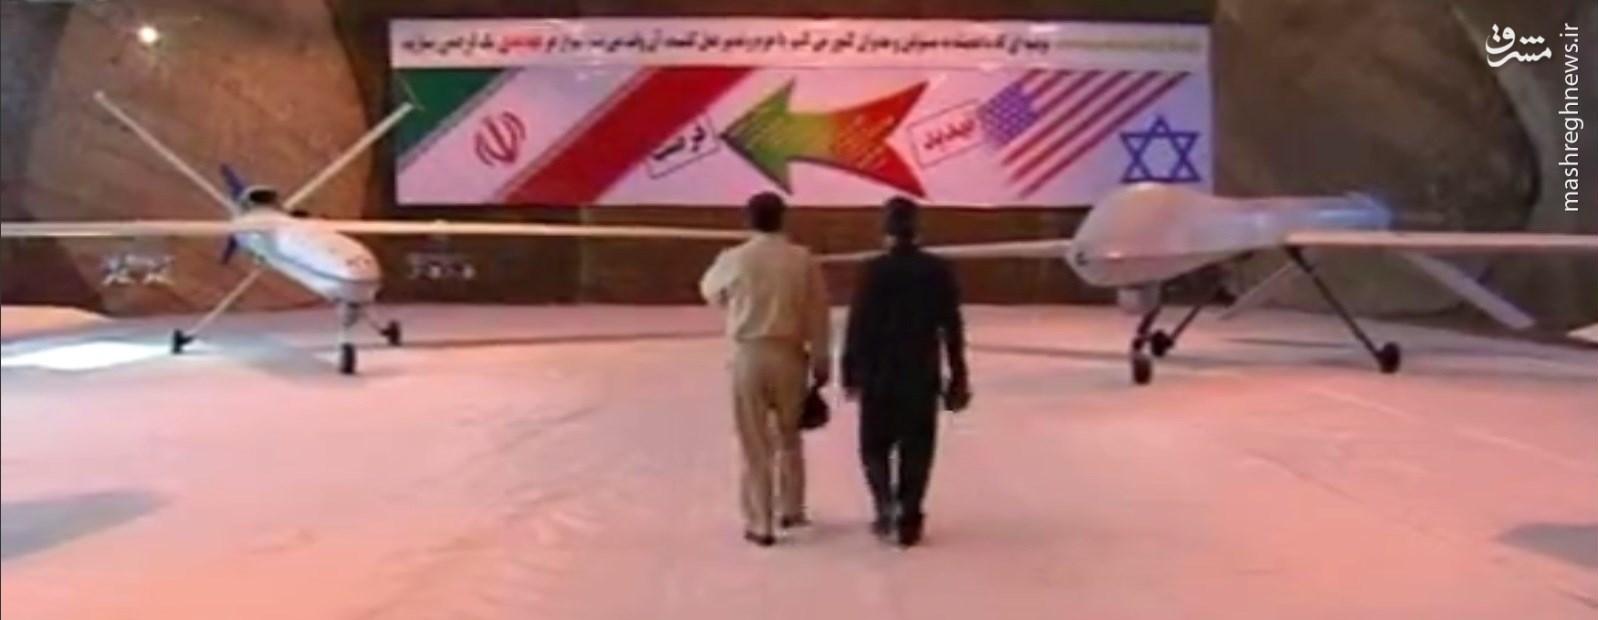 «صاعقه» جدیدترین پهپاد رزمی ساخت ایران رونمایی شد/ عقاب خاکستری یانکی ها در اسارت سپاه+عکس